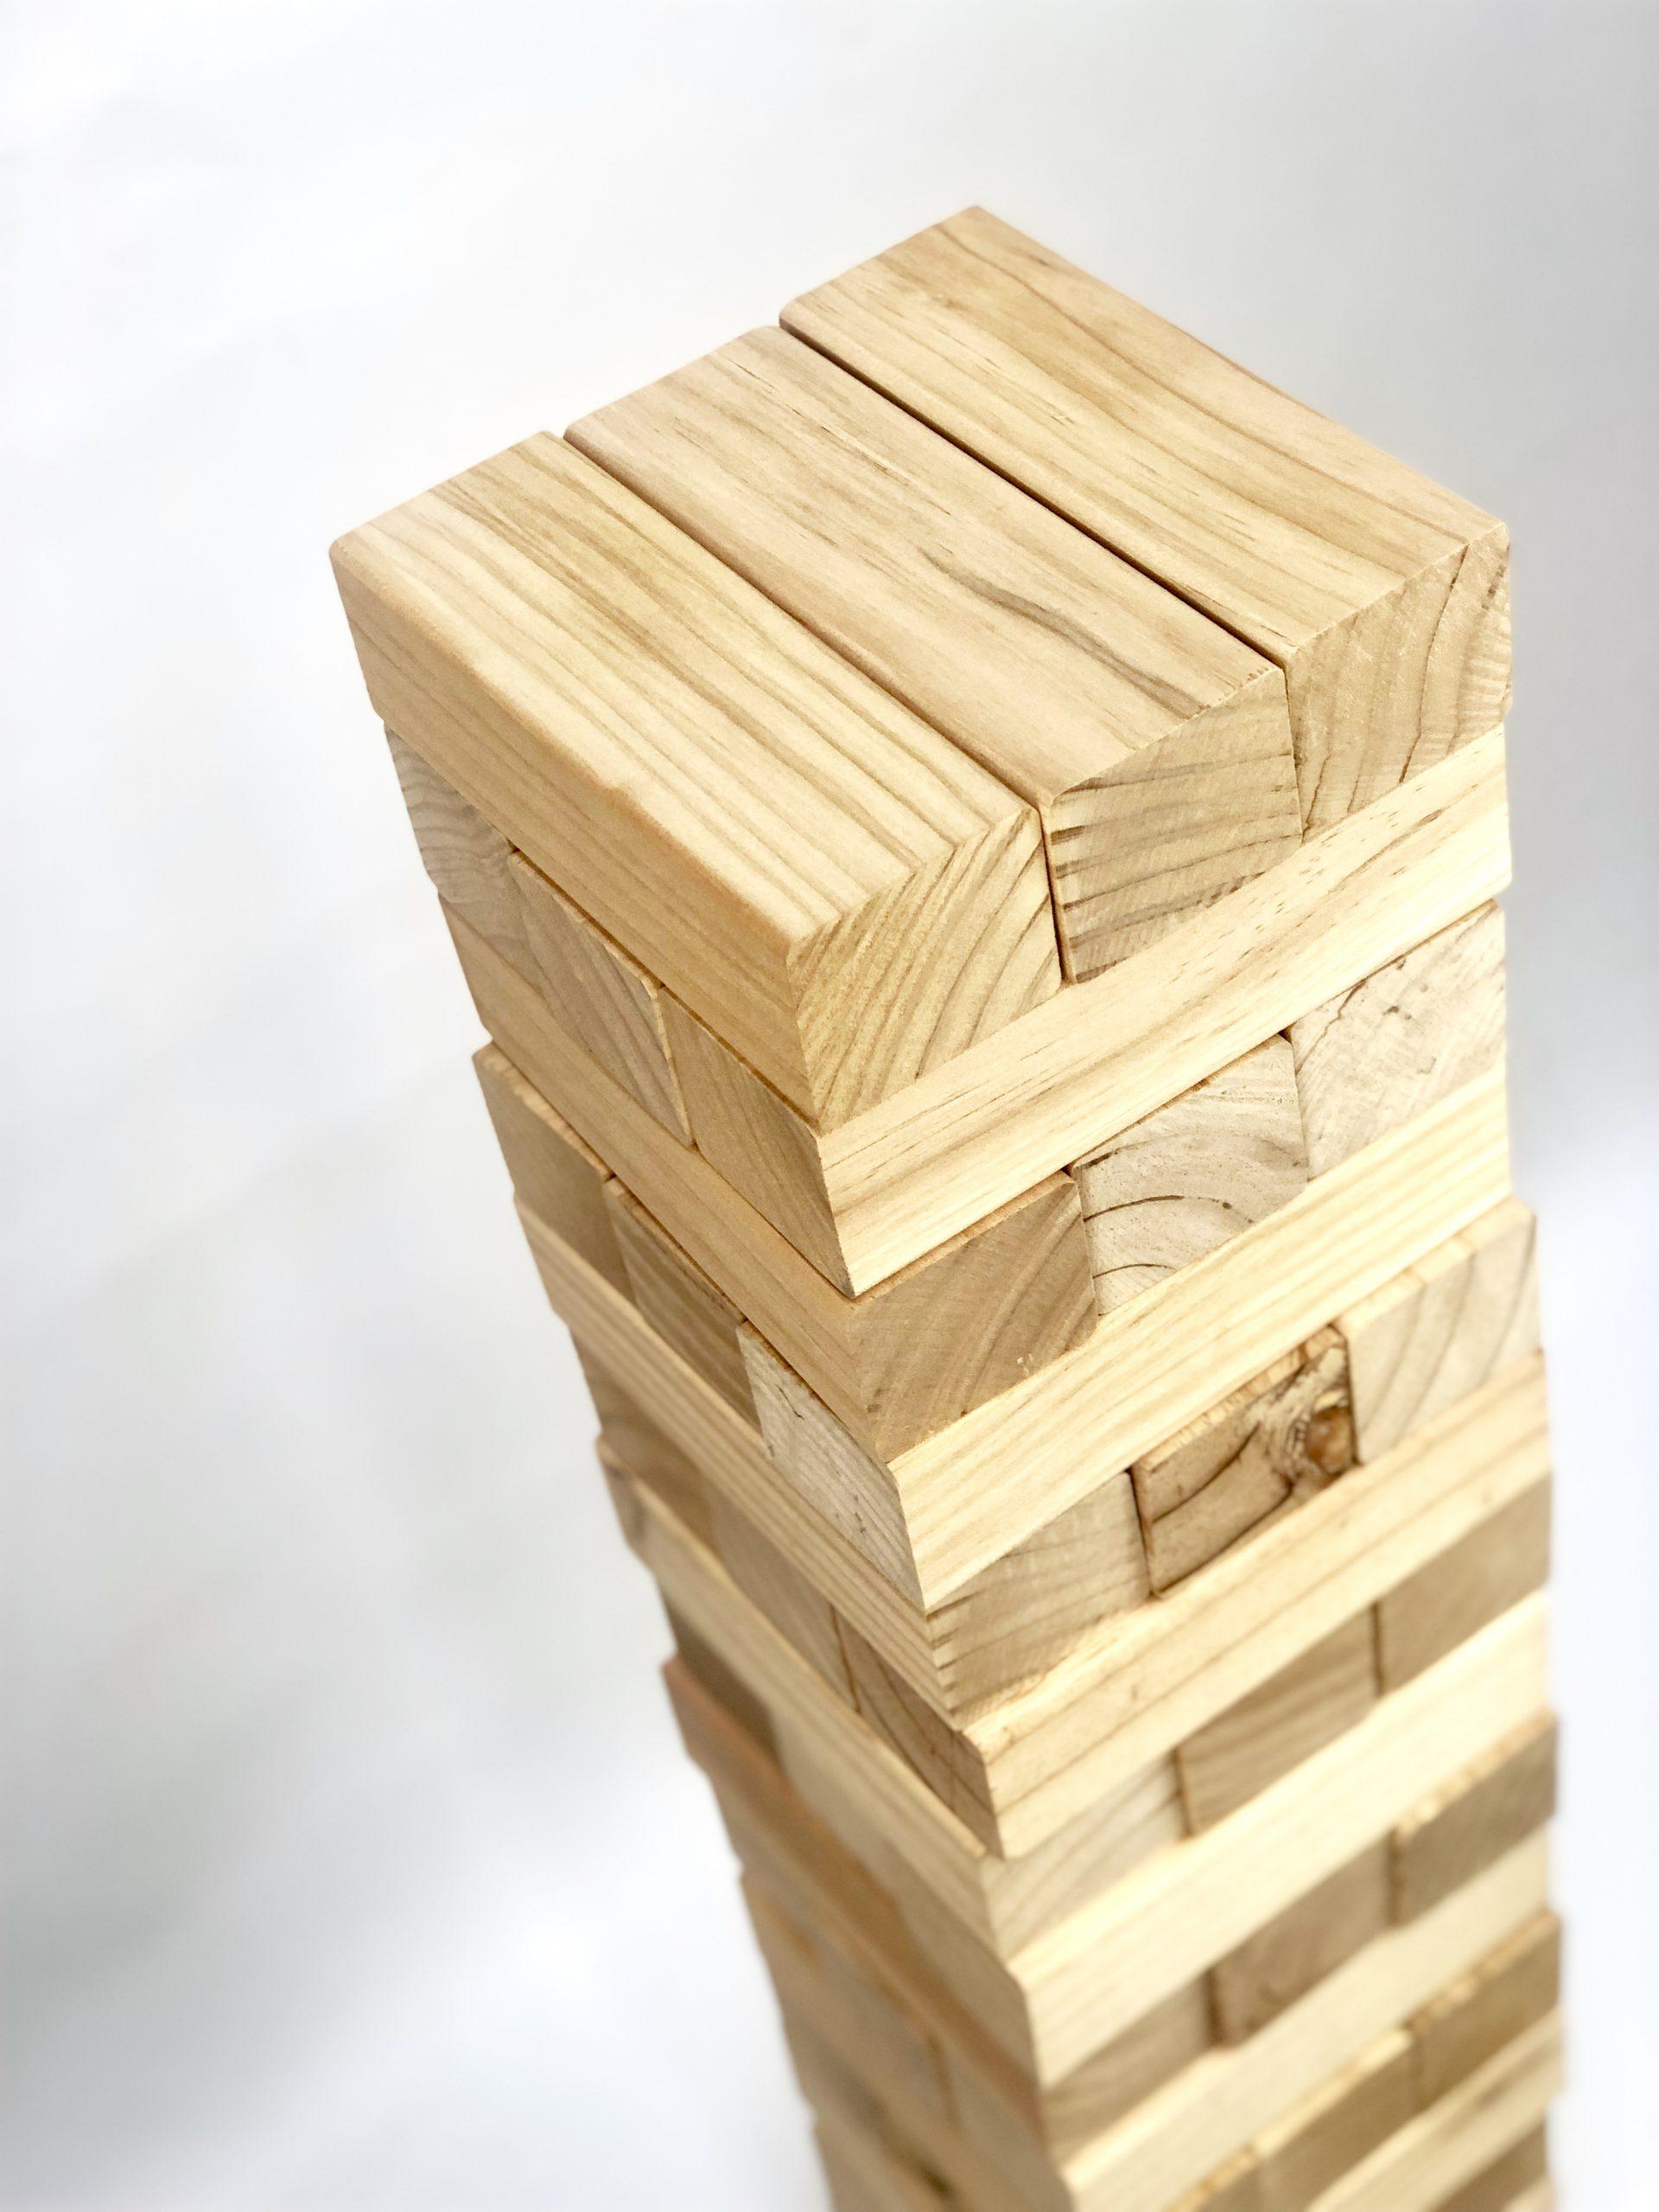 54 Piece Giant Jenjo Outdoor Wooden Block Game 91cm